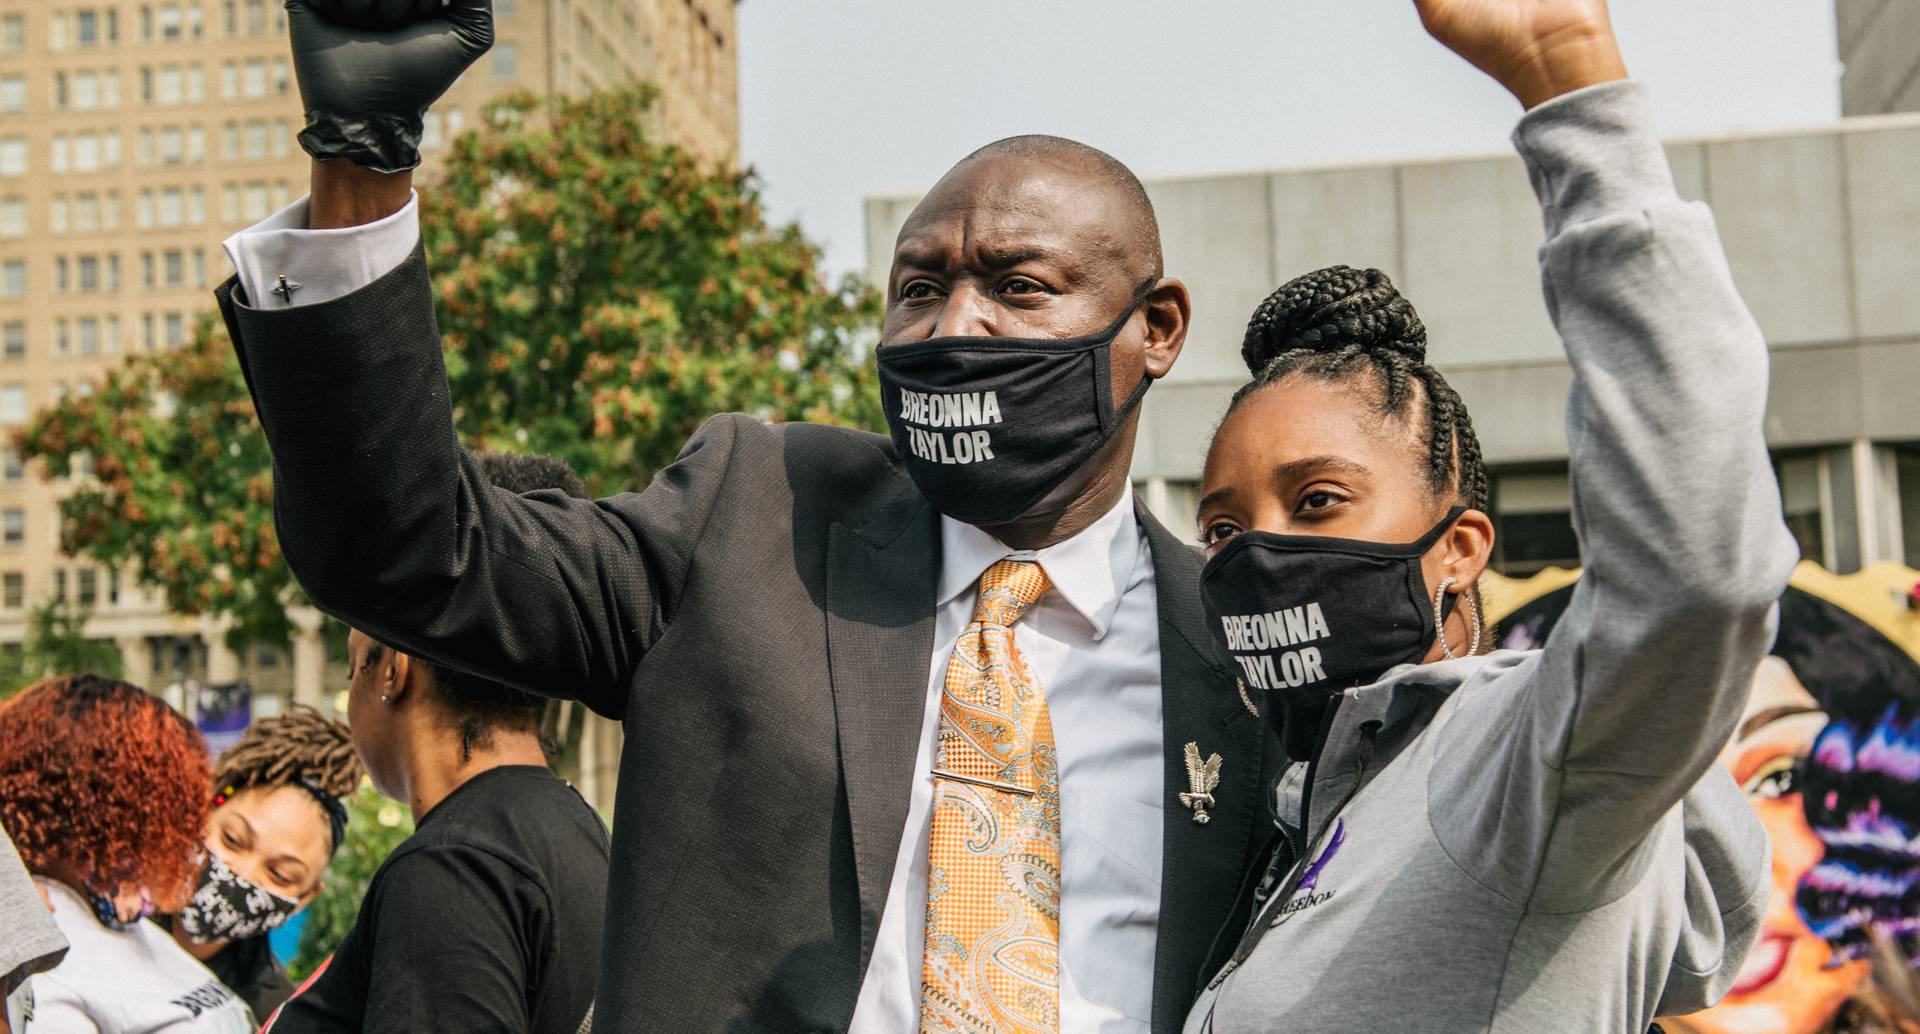 Millonaria indemnización por muerte de mujer negra a manos de Policía en EE.UU.